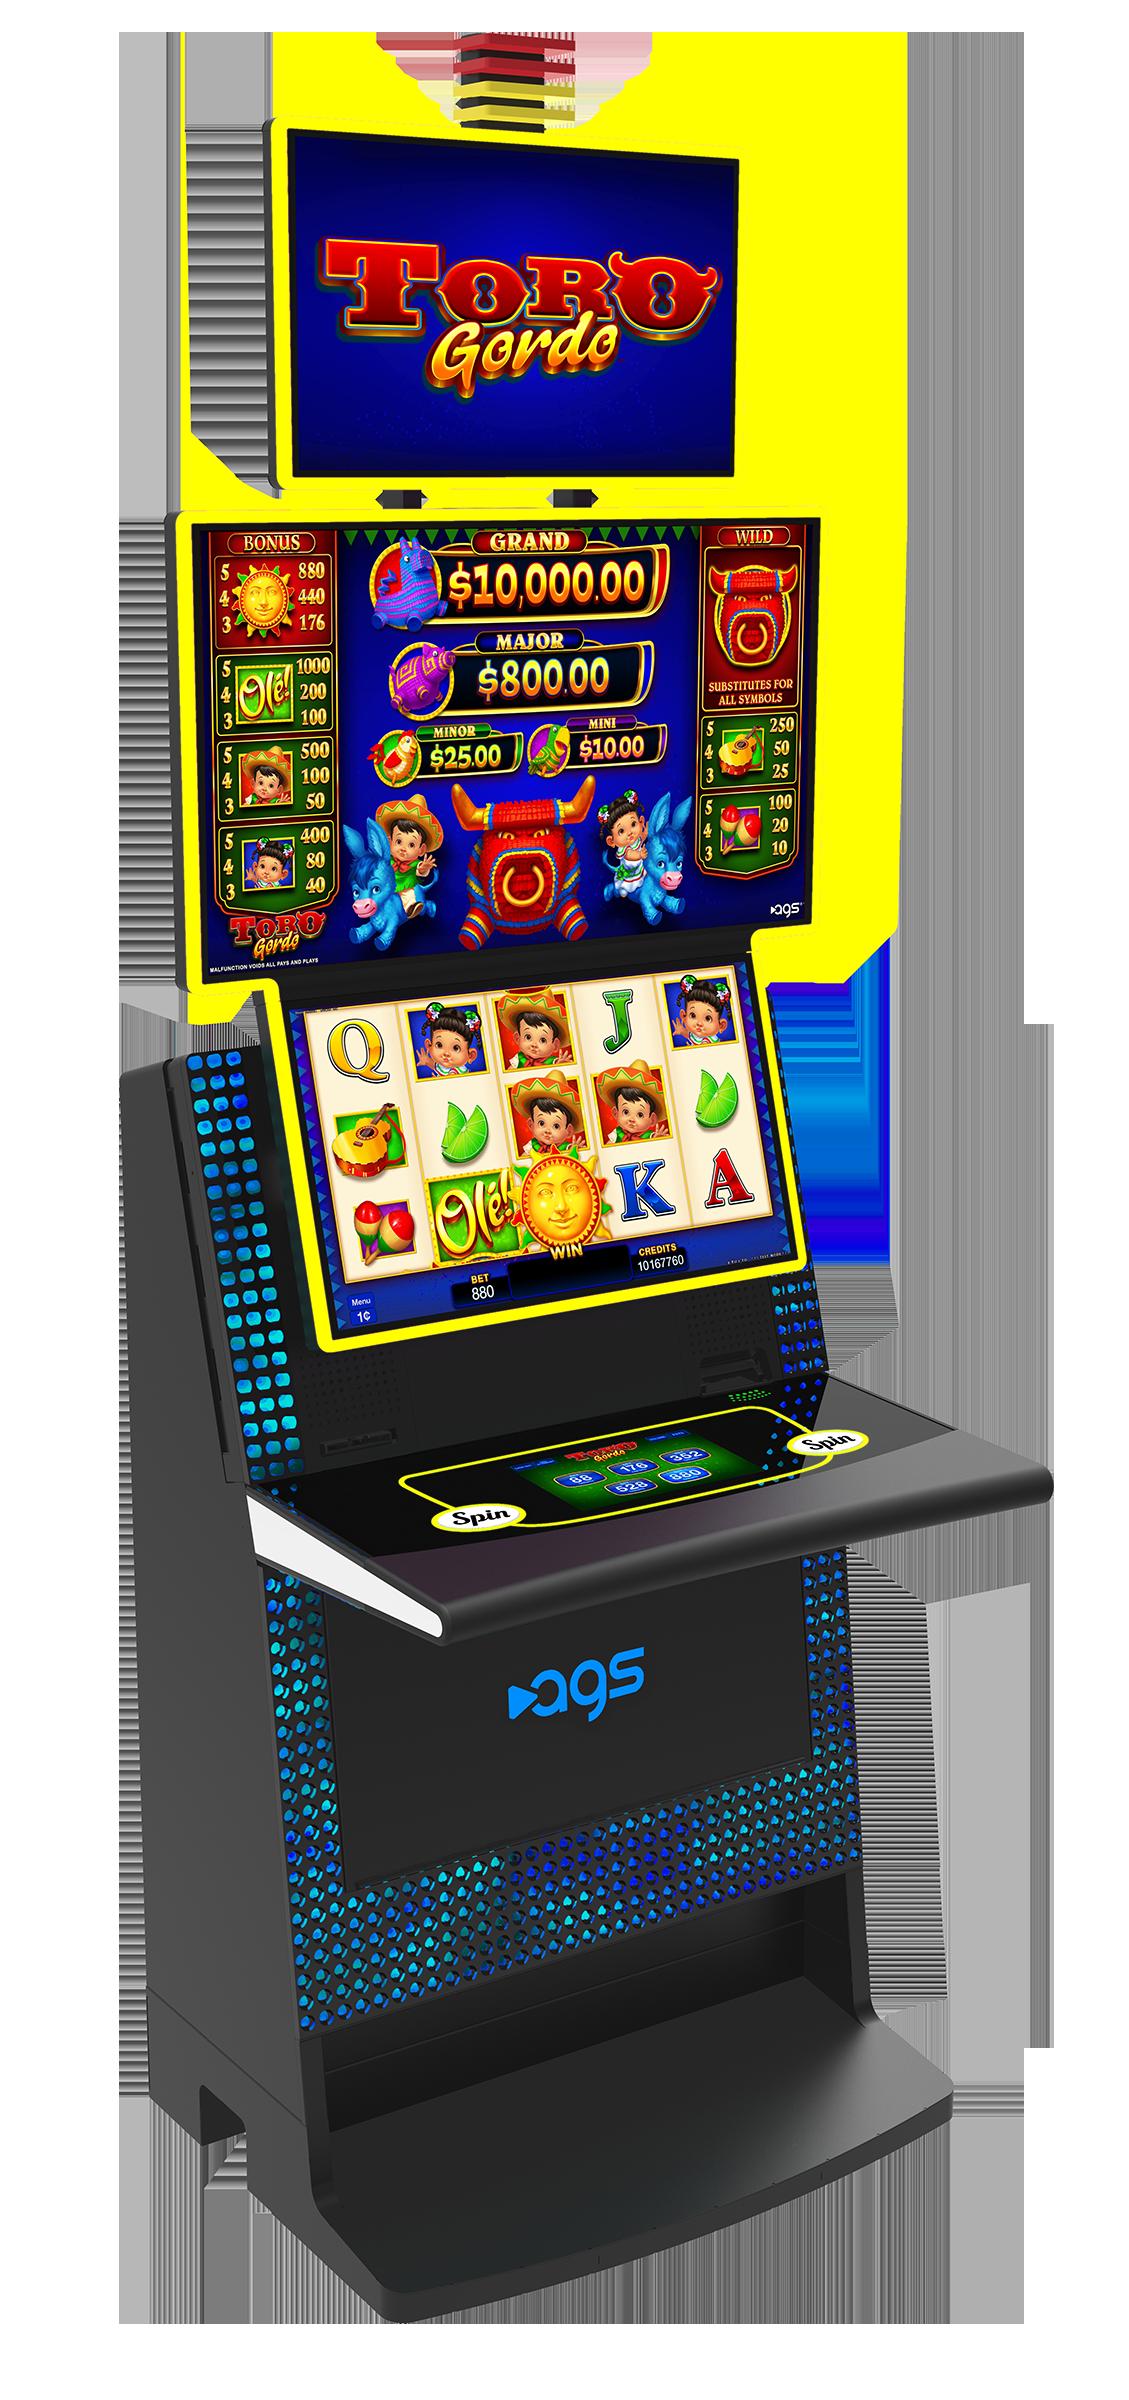 Slot machine payout patterns